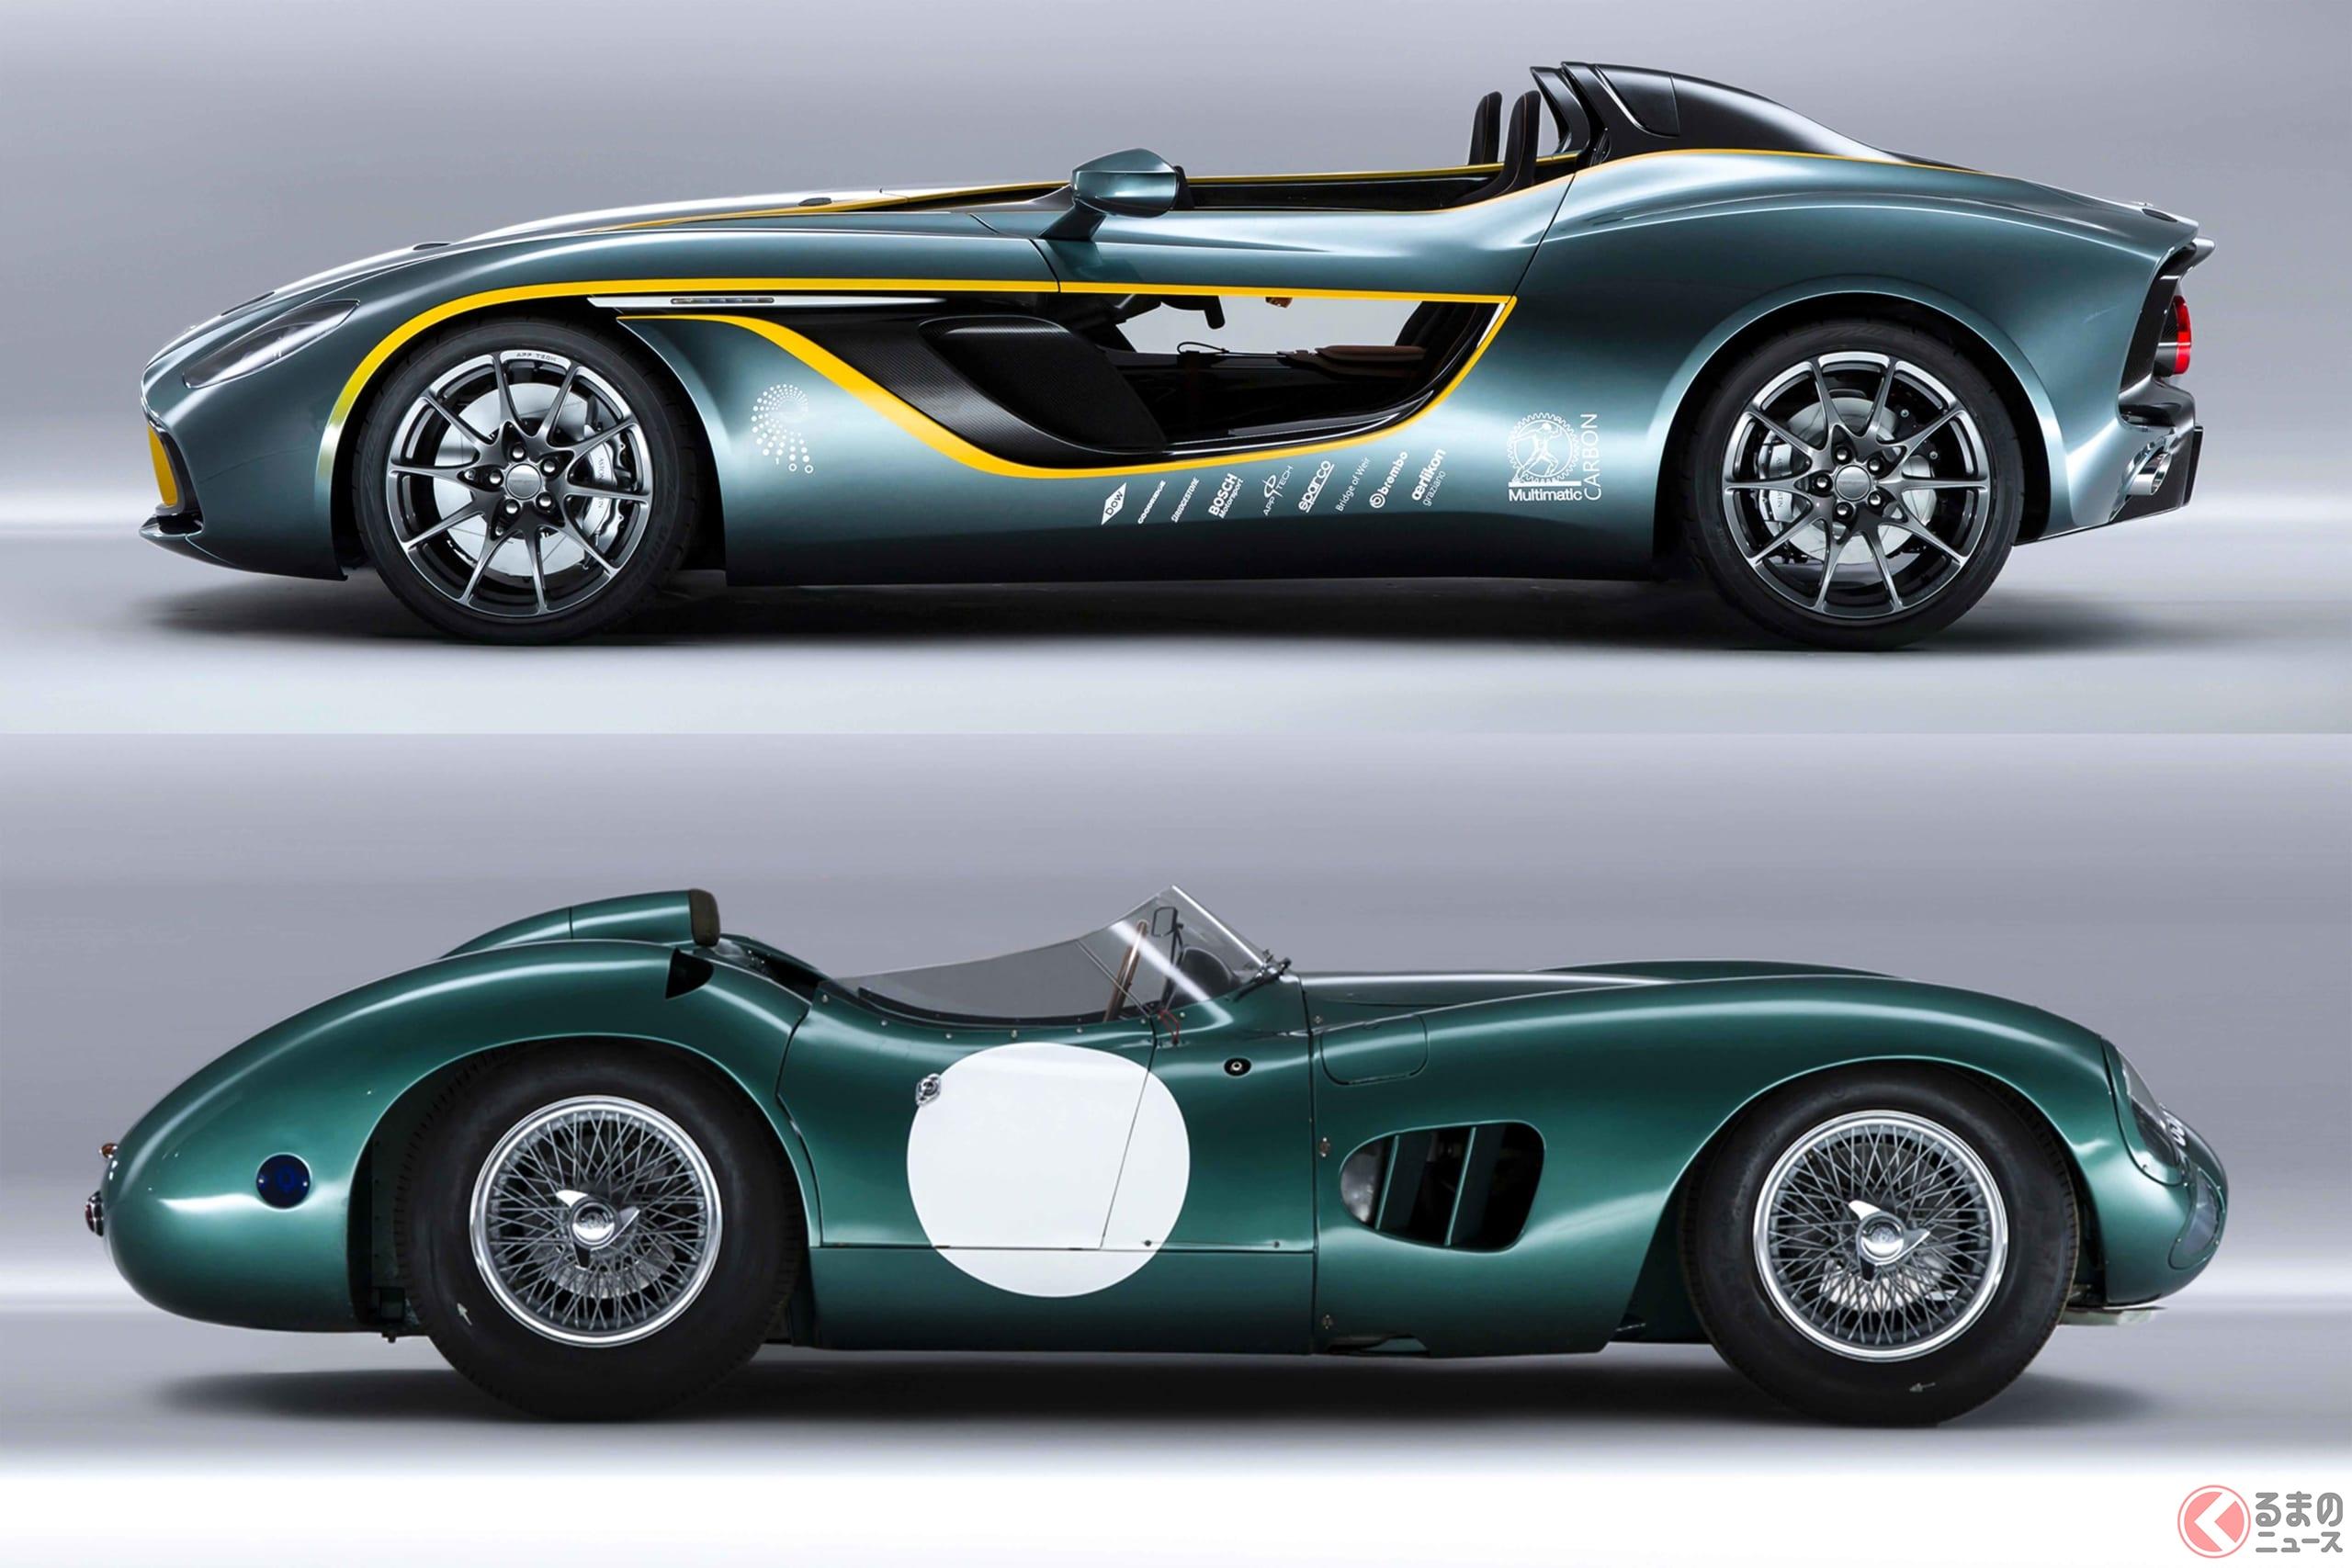 「V12スピードスター」は、レーシングカーの「DBR1」とコンセプトカーの「CC100スピードスター・コンセプト」の系譜を受け継ぐ